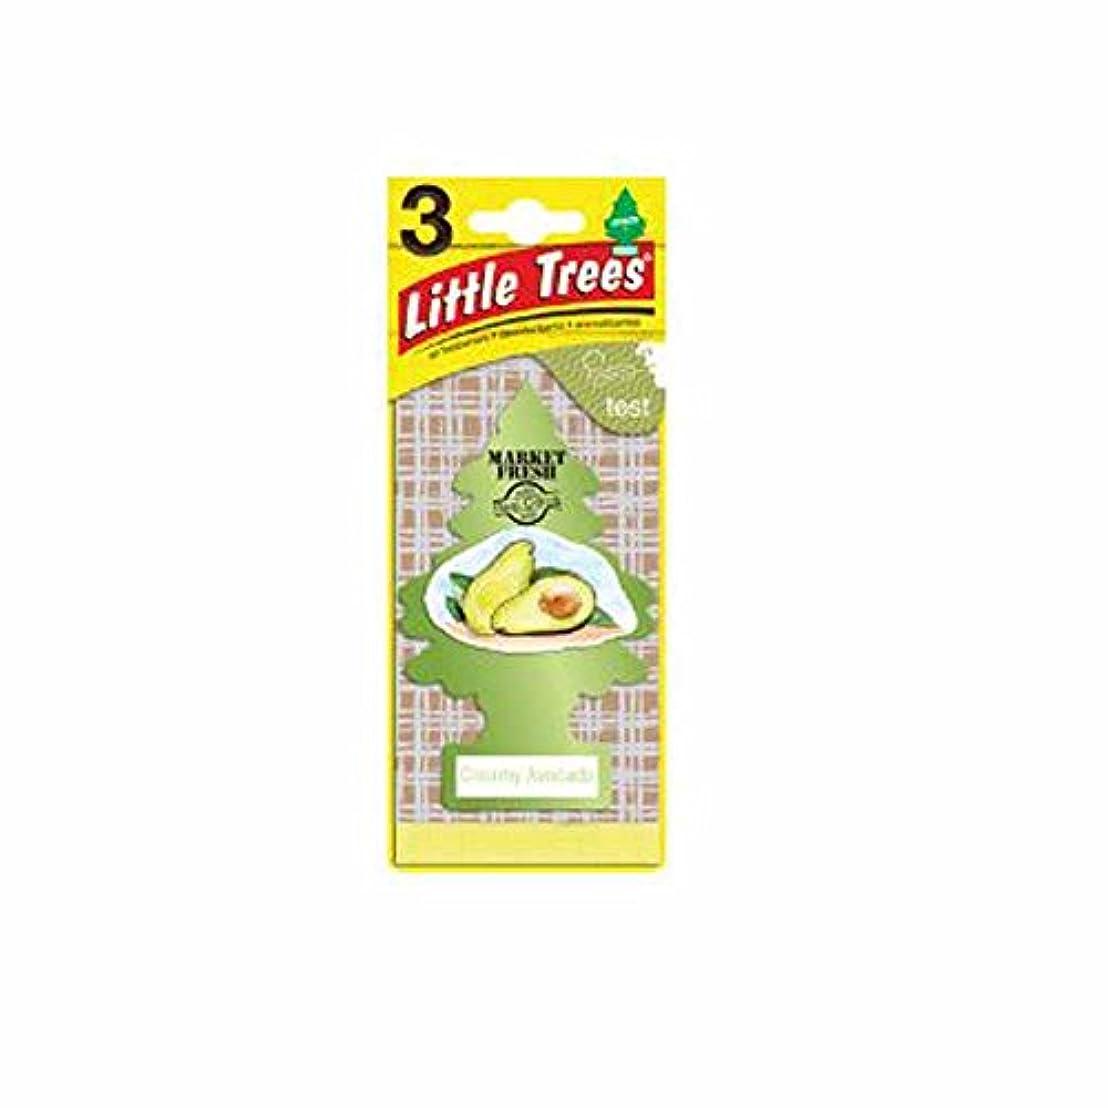 偶然のマングルエンジニアLittle Trees 吊下げタイプ エアーフレッシュナー creamy avocado(クリーミーアボカド) 3枚セット(3P) U3S-37340